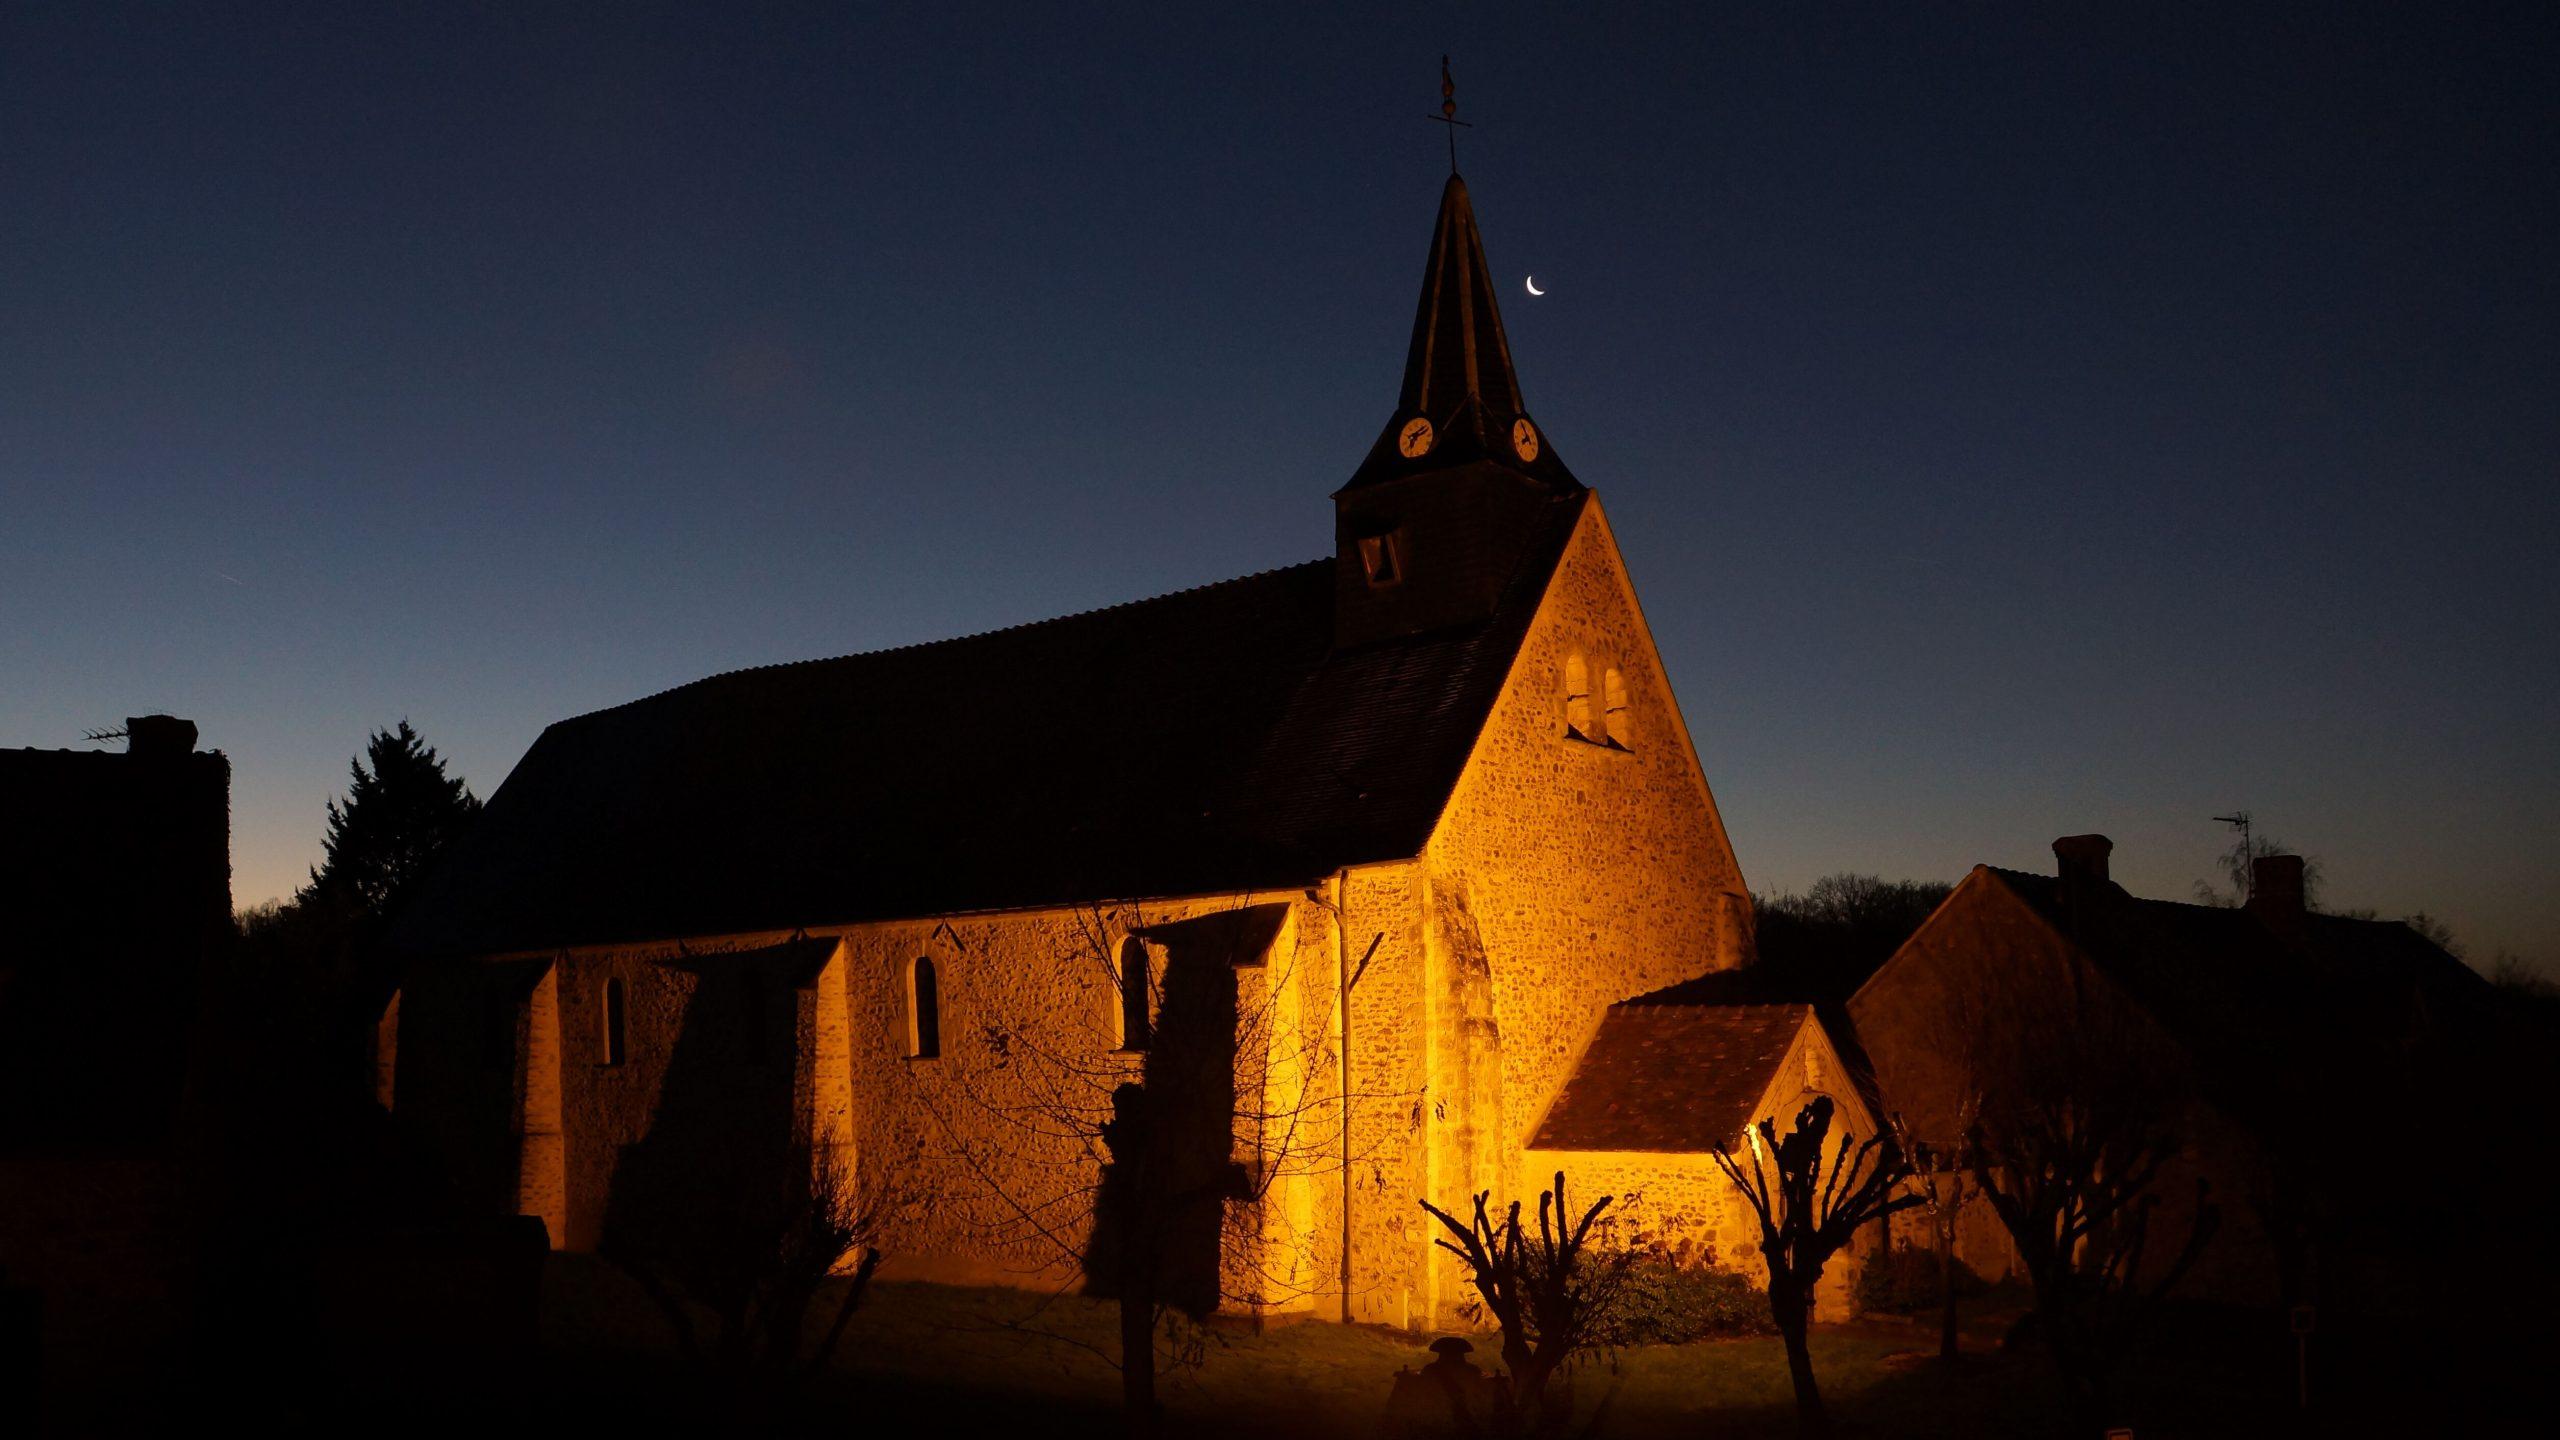 Eglise au coucher de soleil - Mairie de Ponthévrard